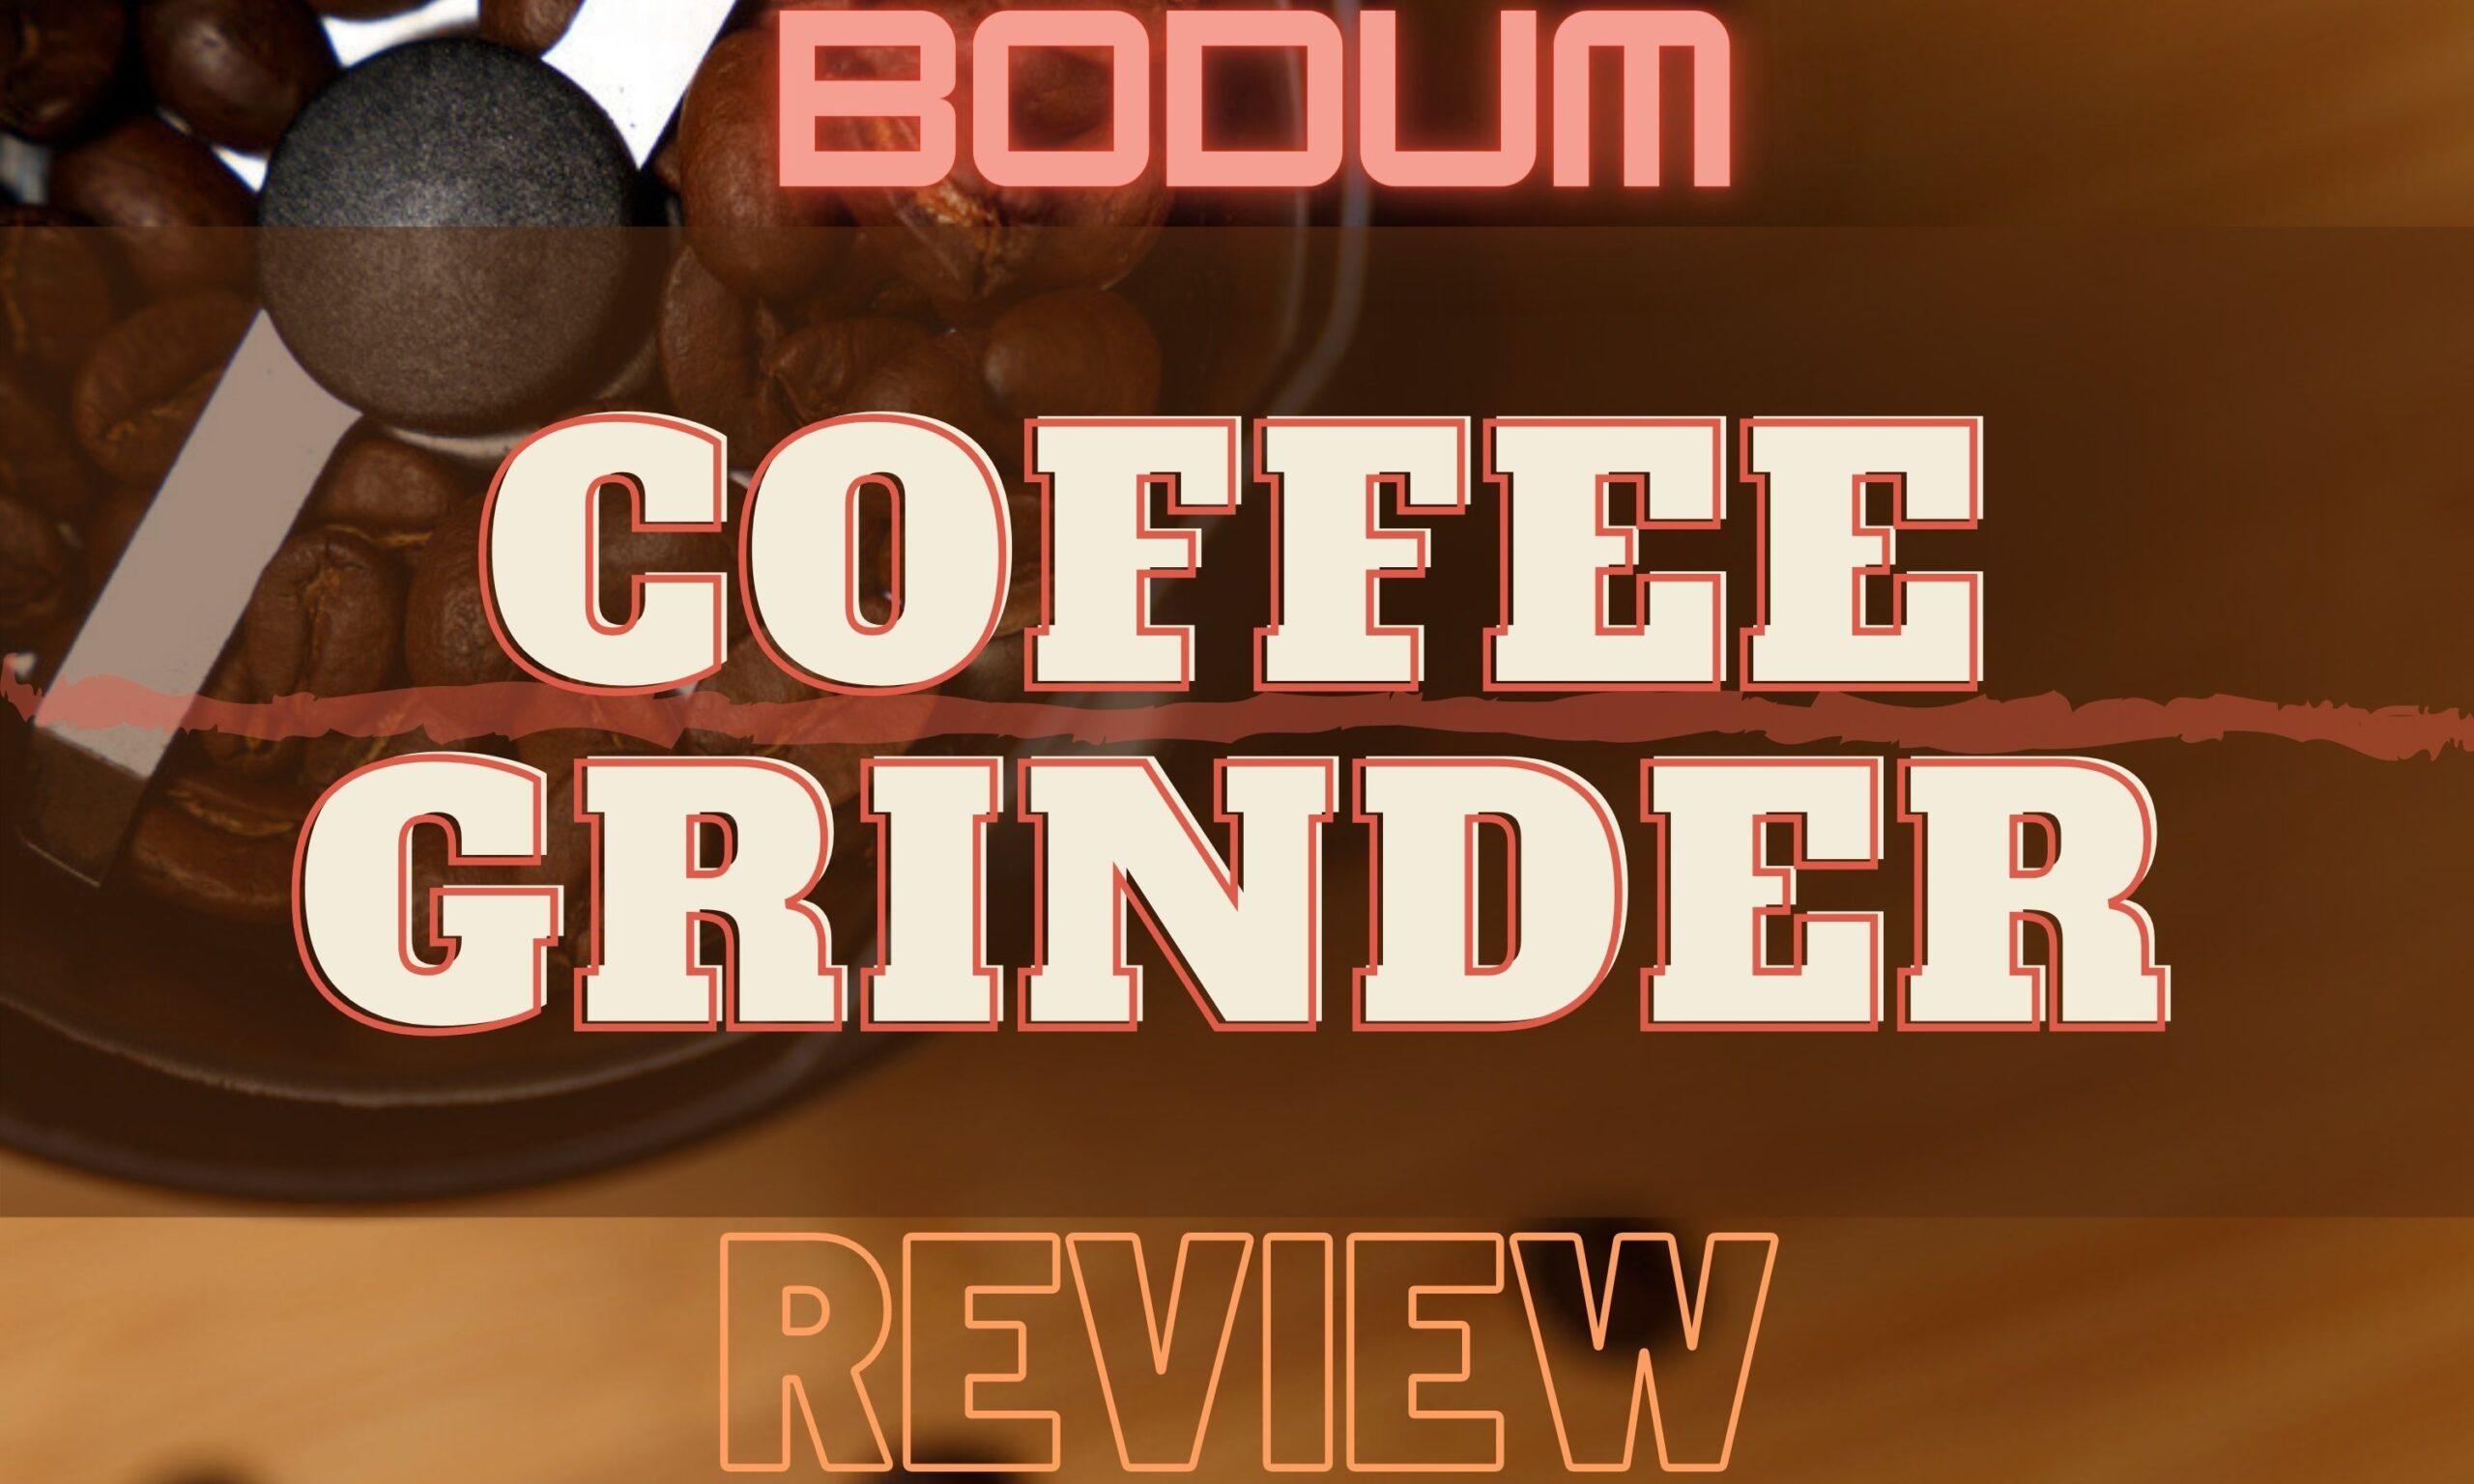 Bodum Feature Image